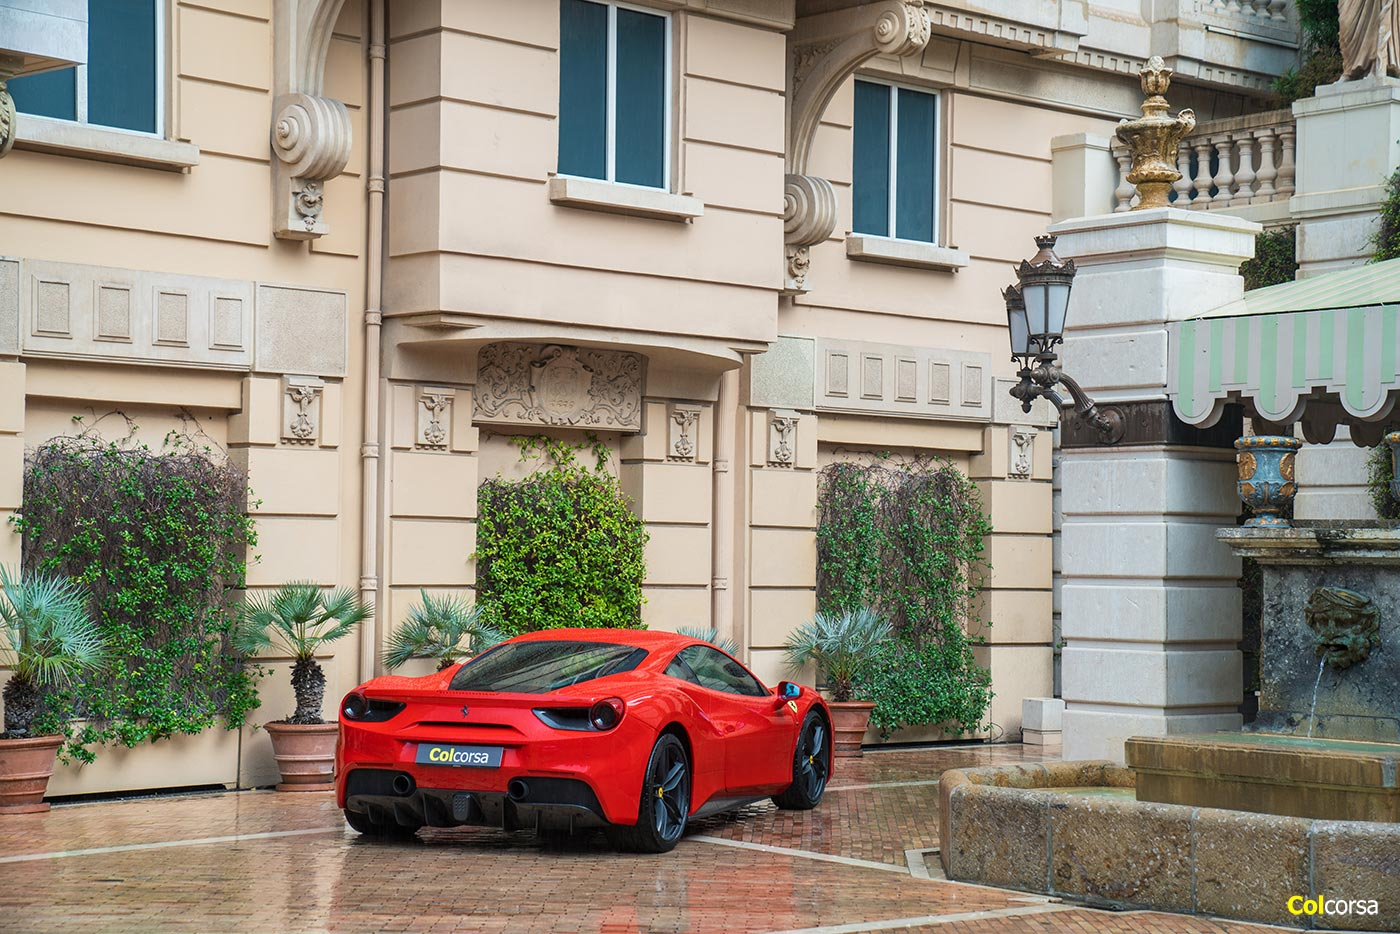 Red Ferrari 488 GTB outside Hotel Metropole in Monte Carlo